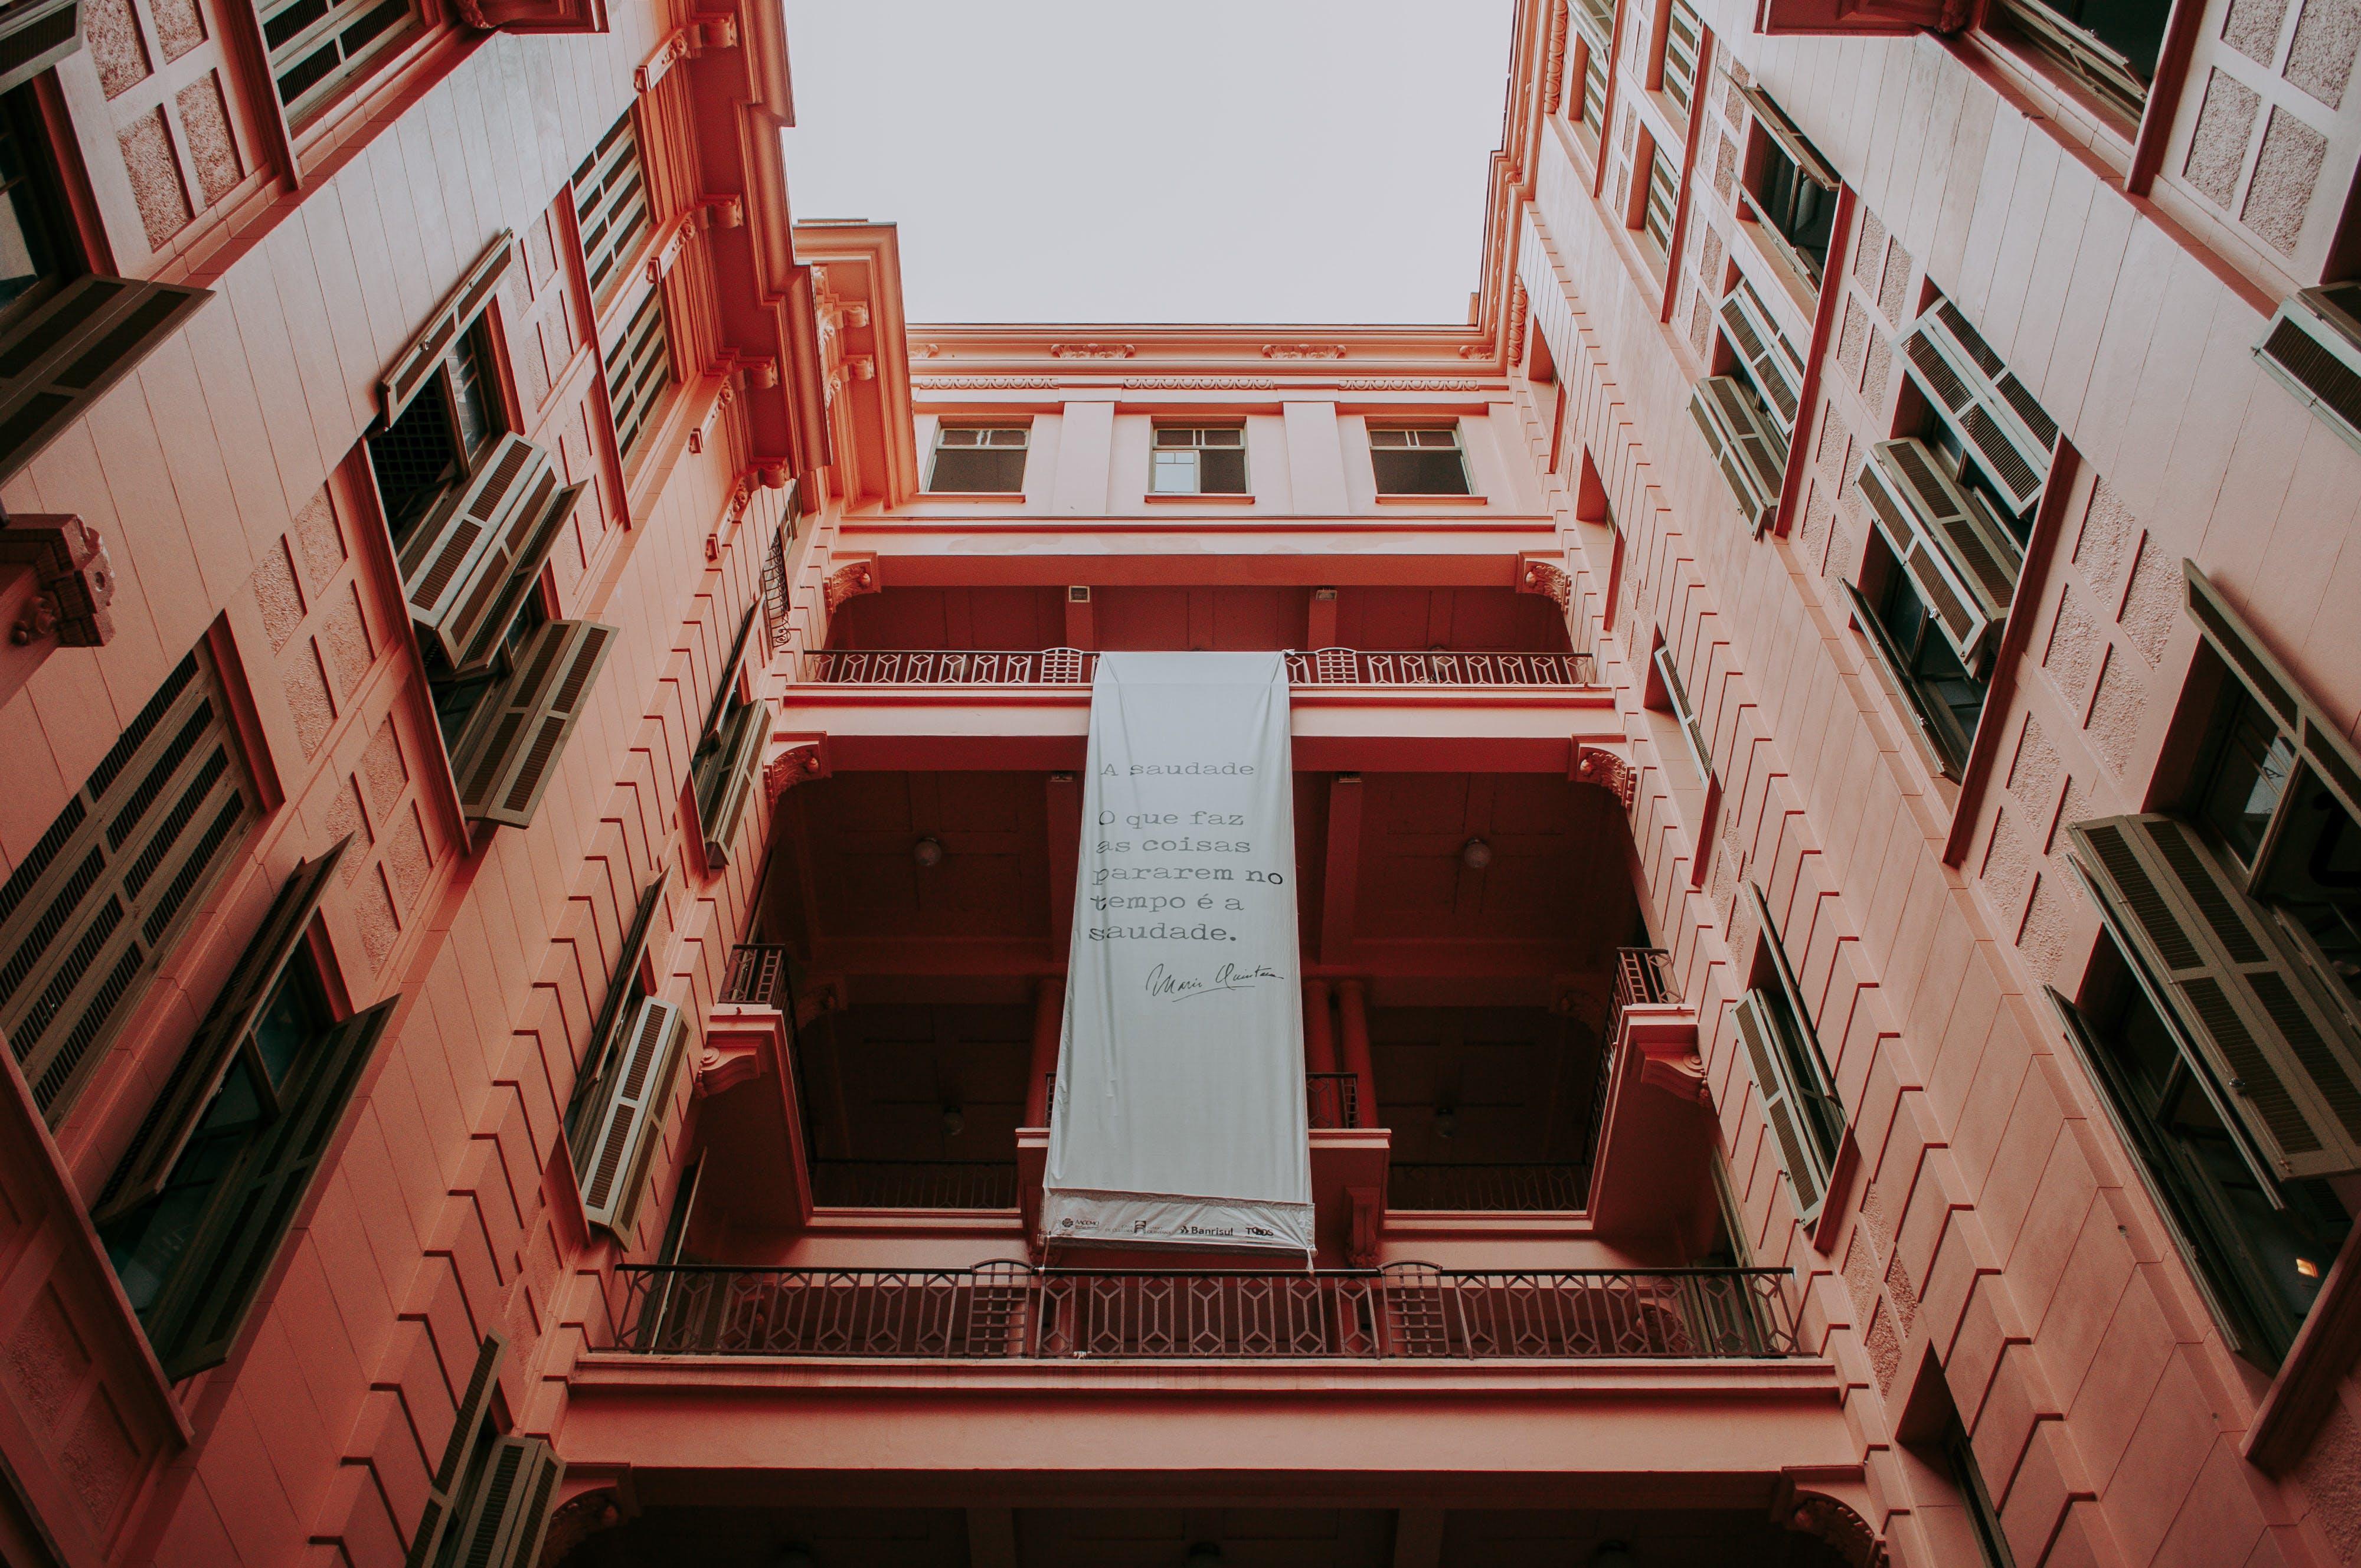 Kostnadsfri bild av arkitektur, byggnad, lägenhet, lågvinkelfoto